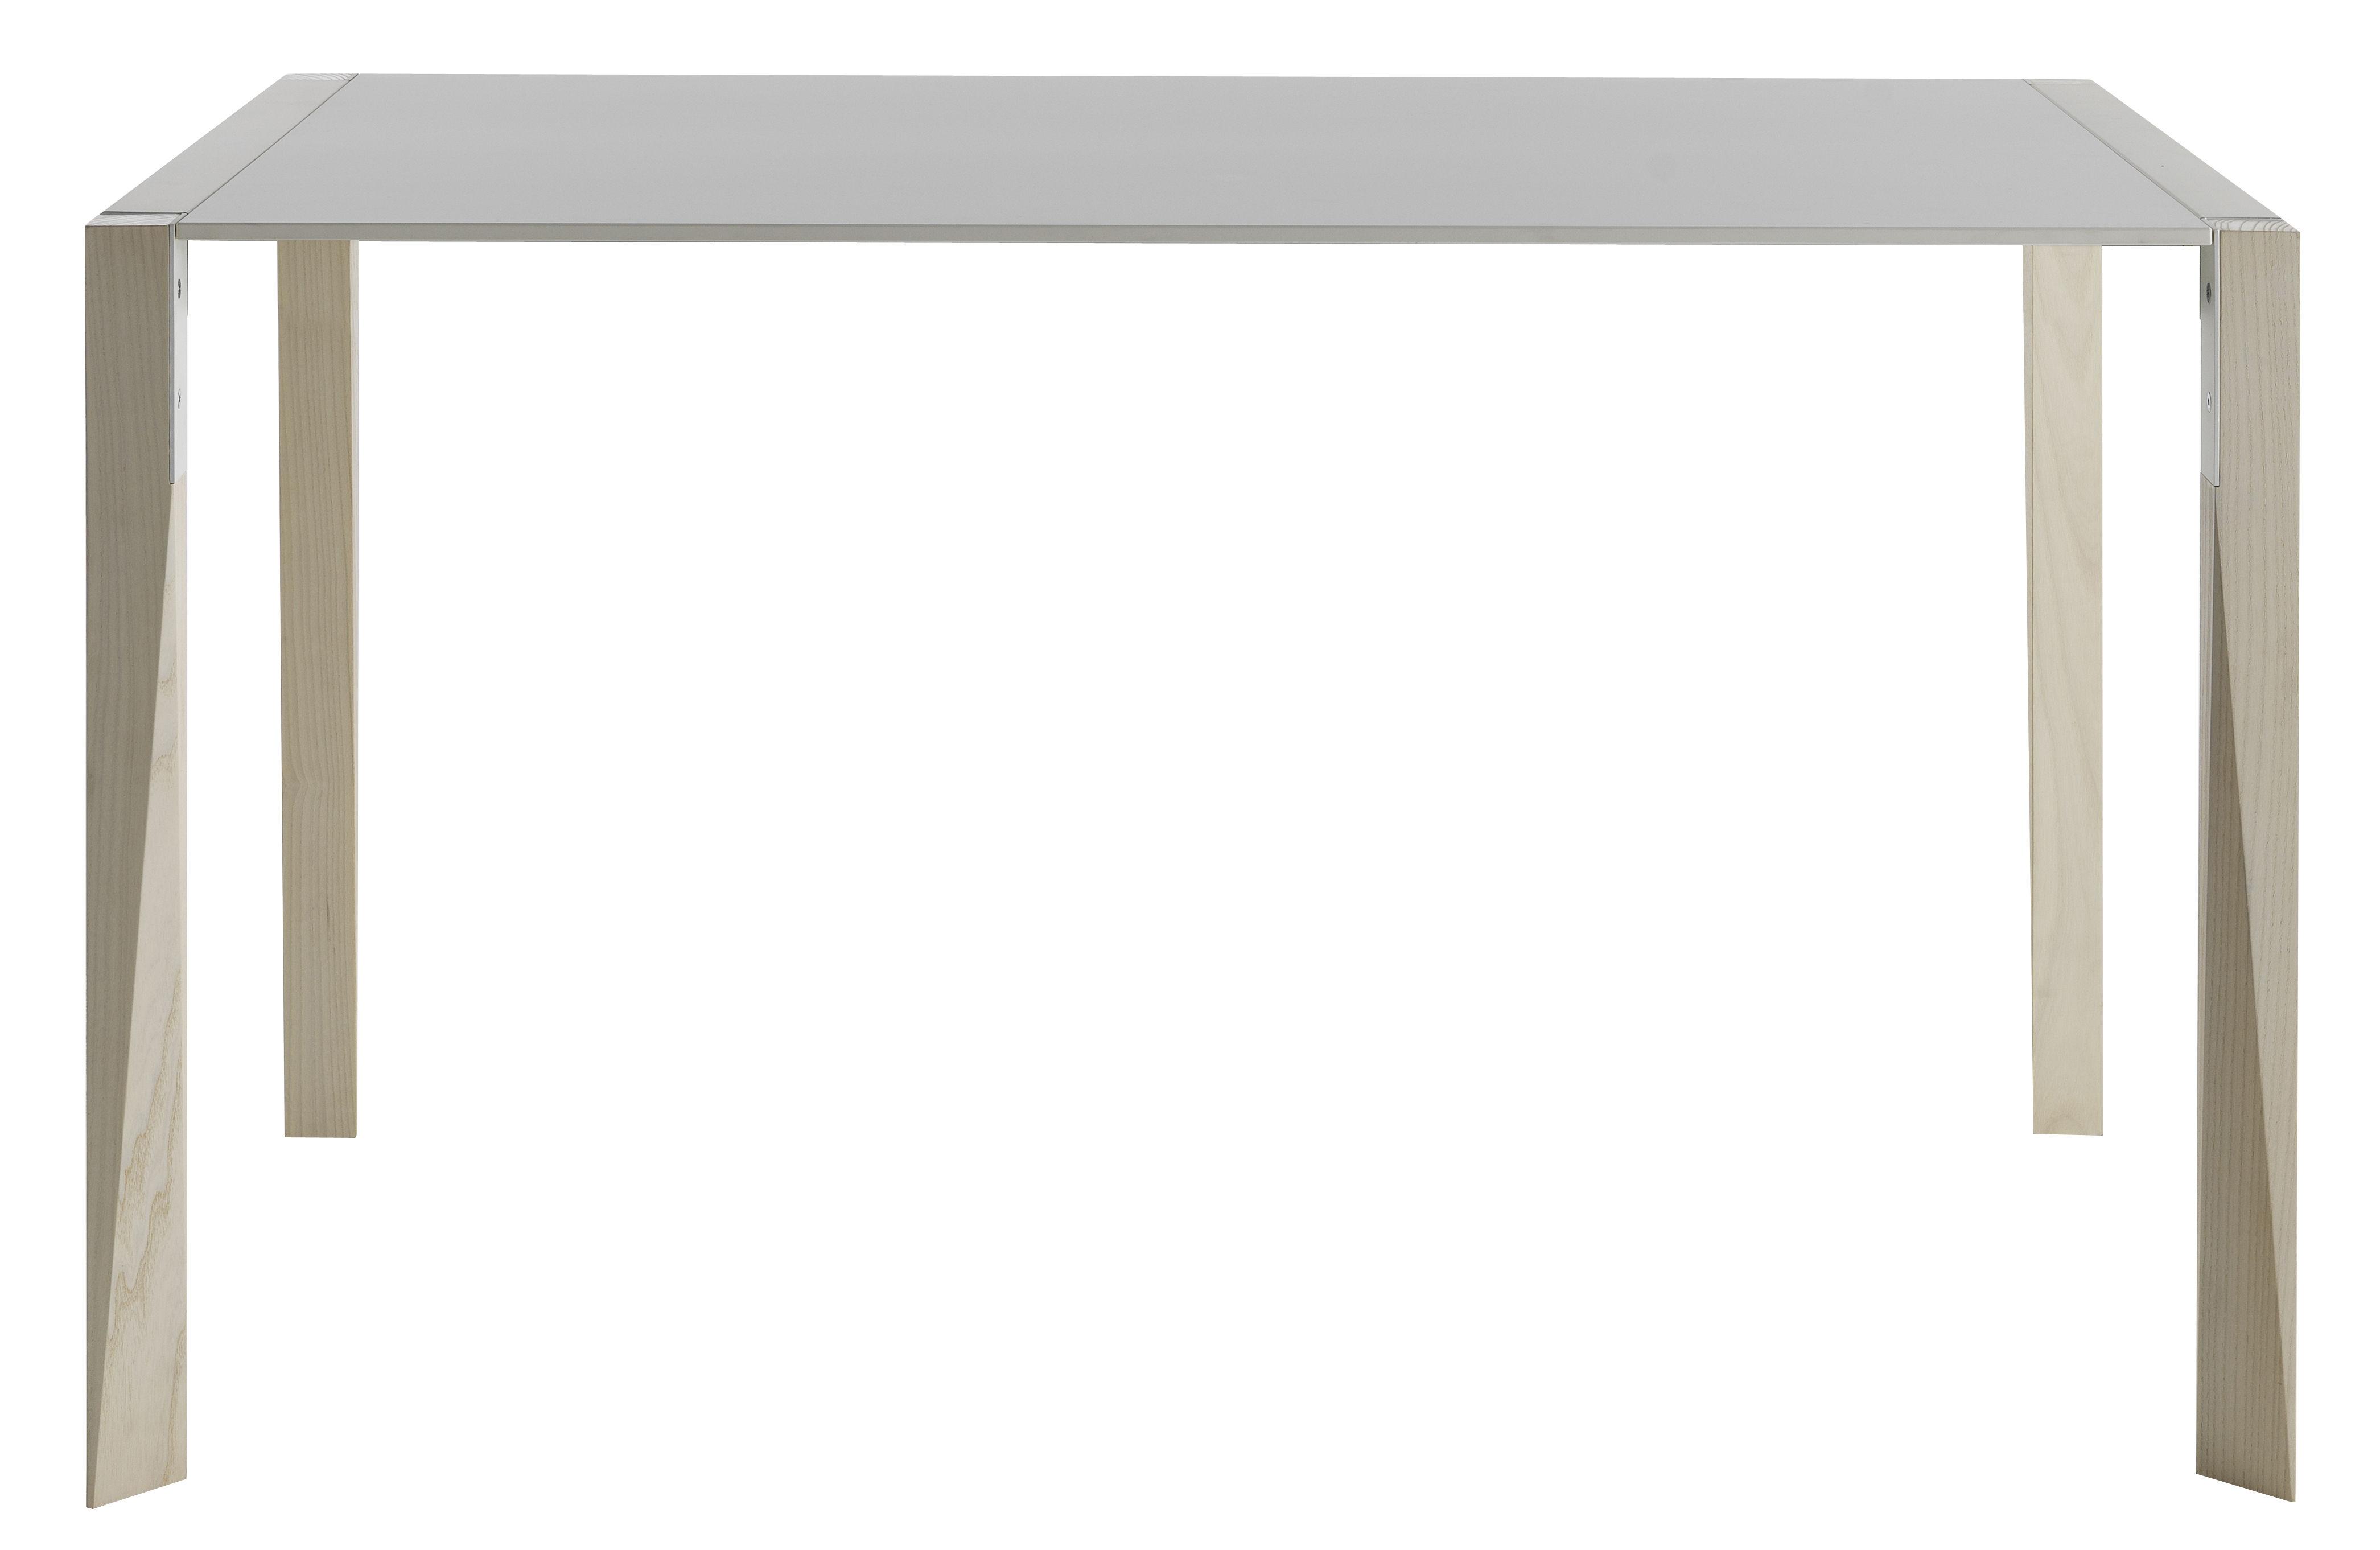 Trends - Must-have Büro - Tango rechteckiger Tisch / 90 bis 125 cm - Tischplatte Fenix-NTM® - Horm - Weiß / Tischbeine: Esche, gebleicht - Fenix-NTM®, geschichtet, Gebleichte Esche, lackiertes Metall